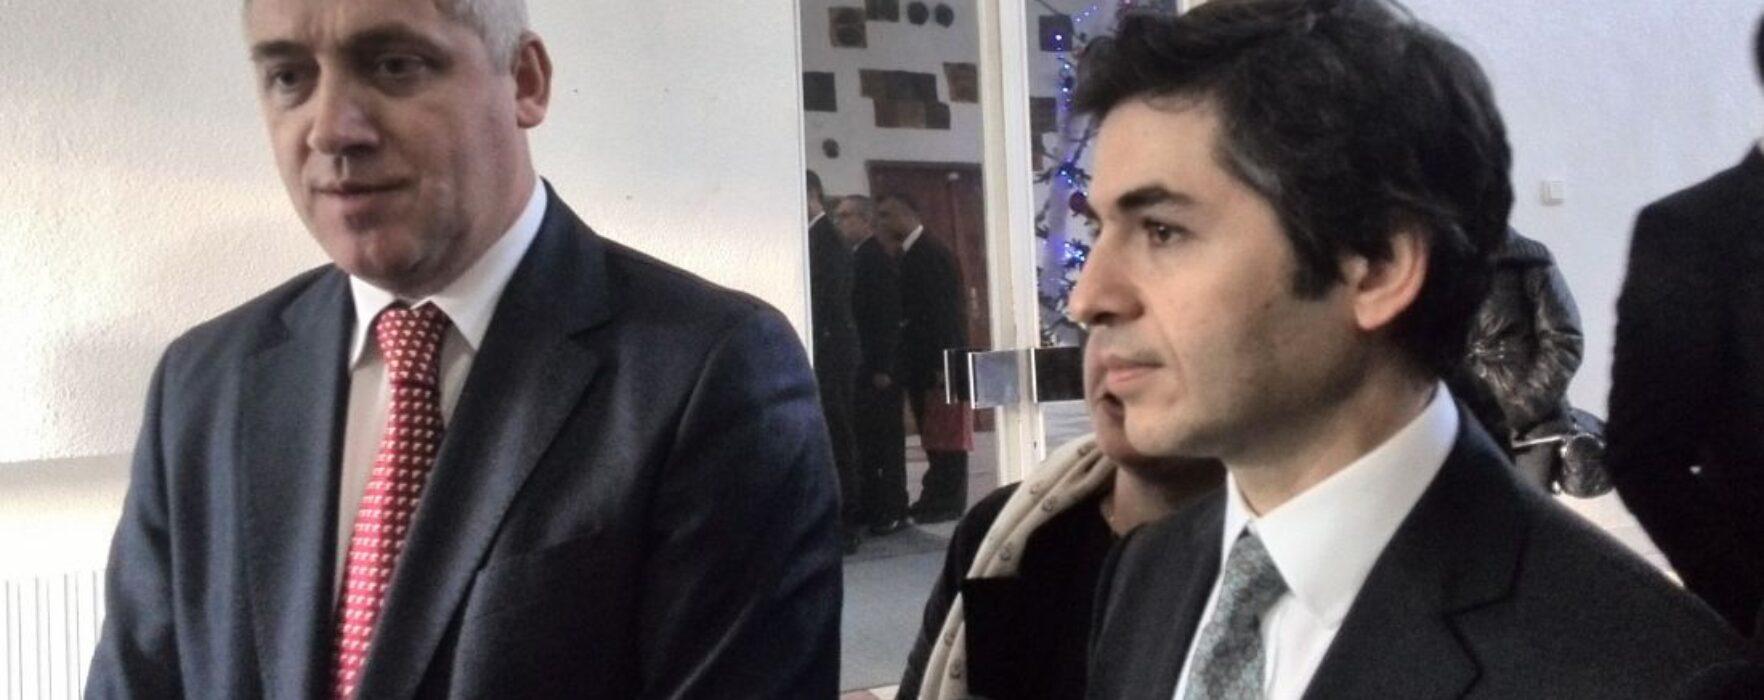 Dâmboviţa: Ambasadorul Turciei, întâlnire cu autorităţi locale